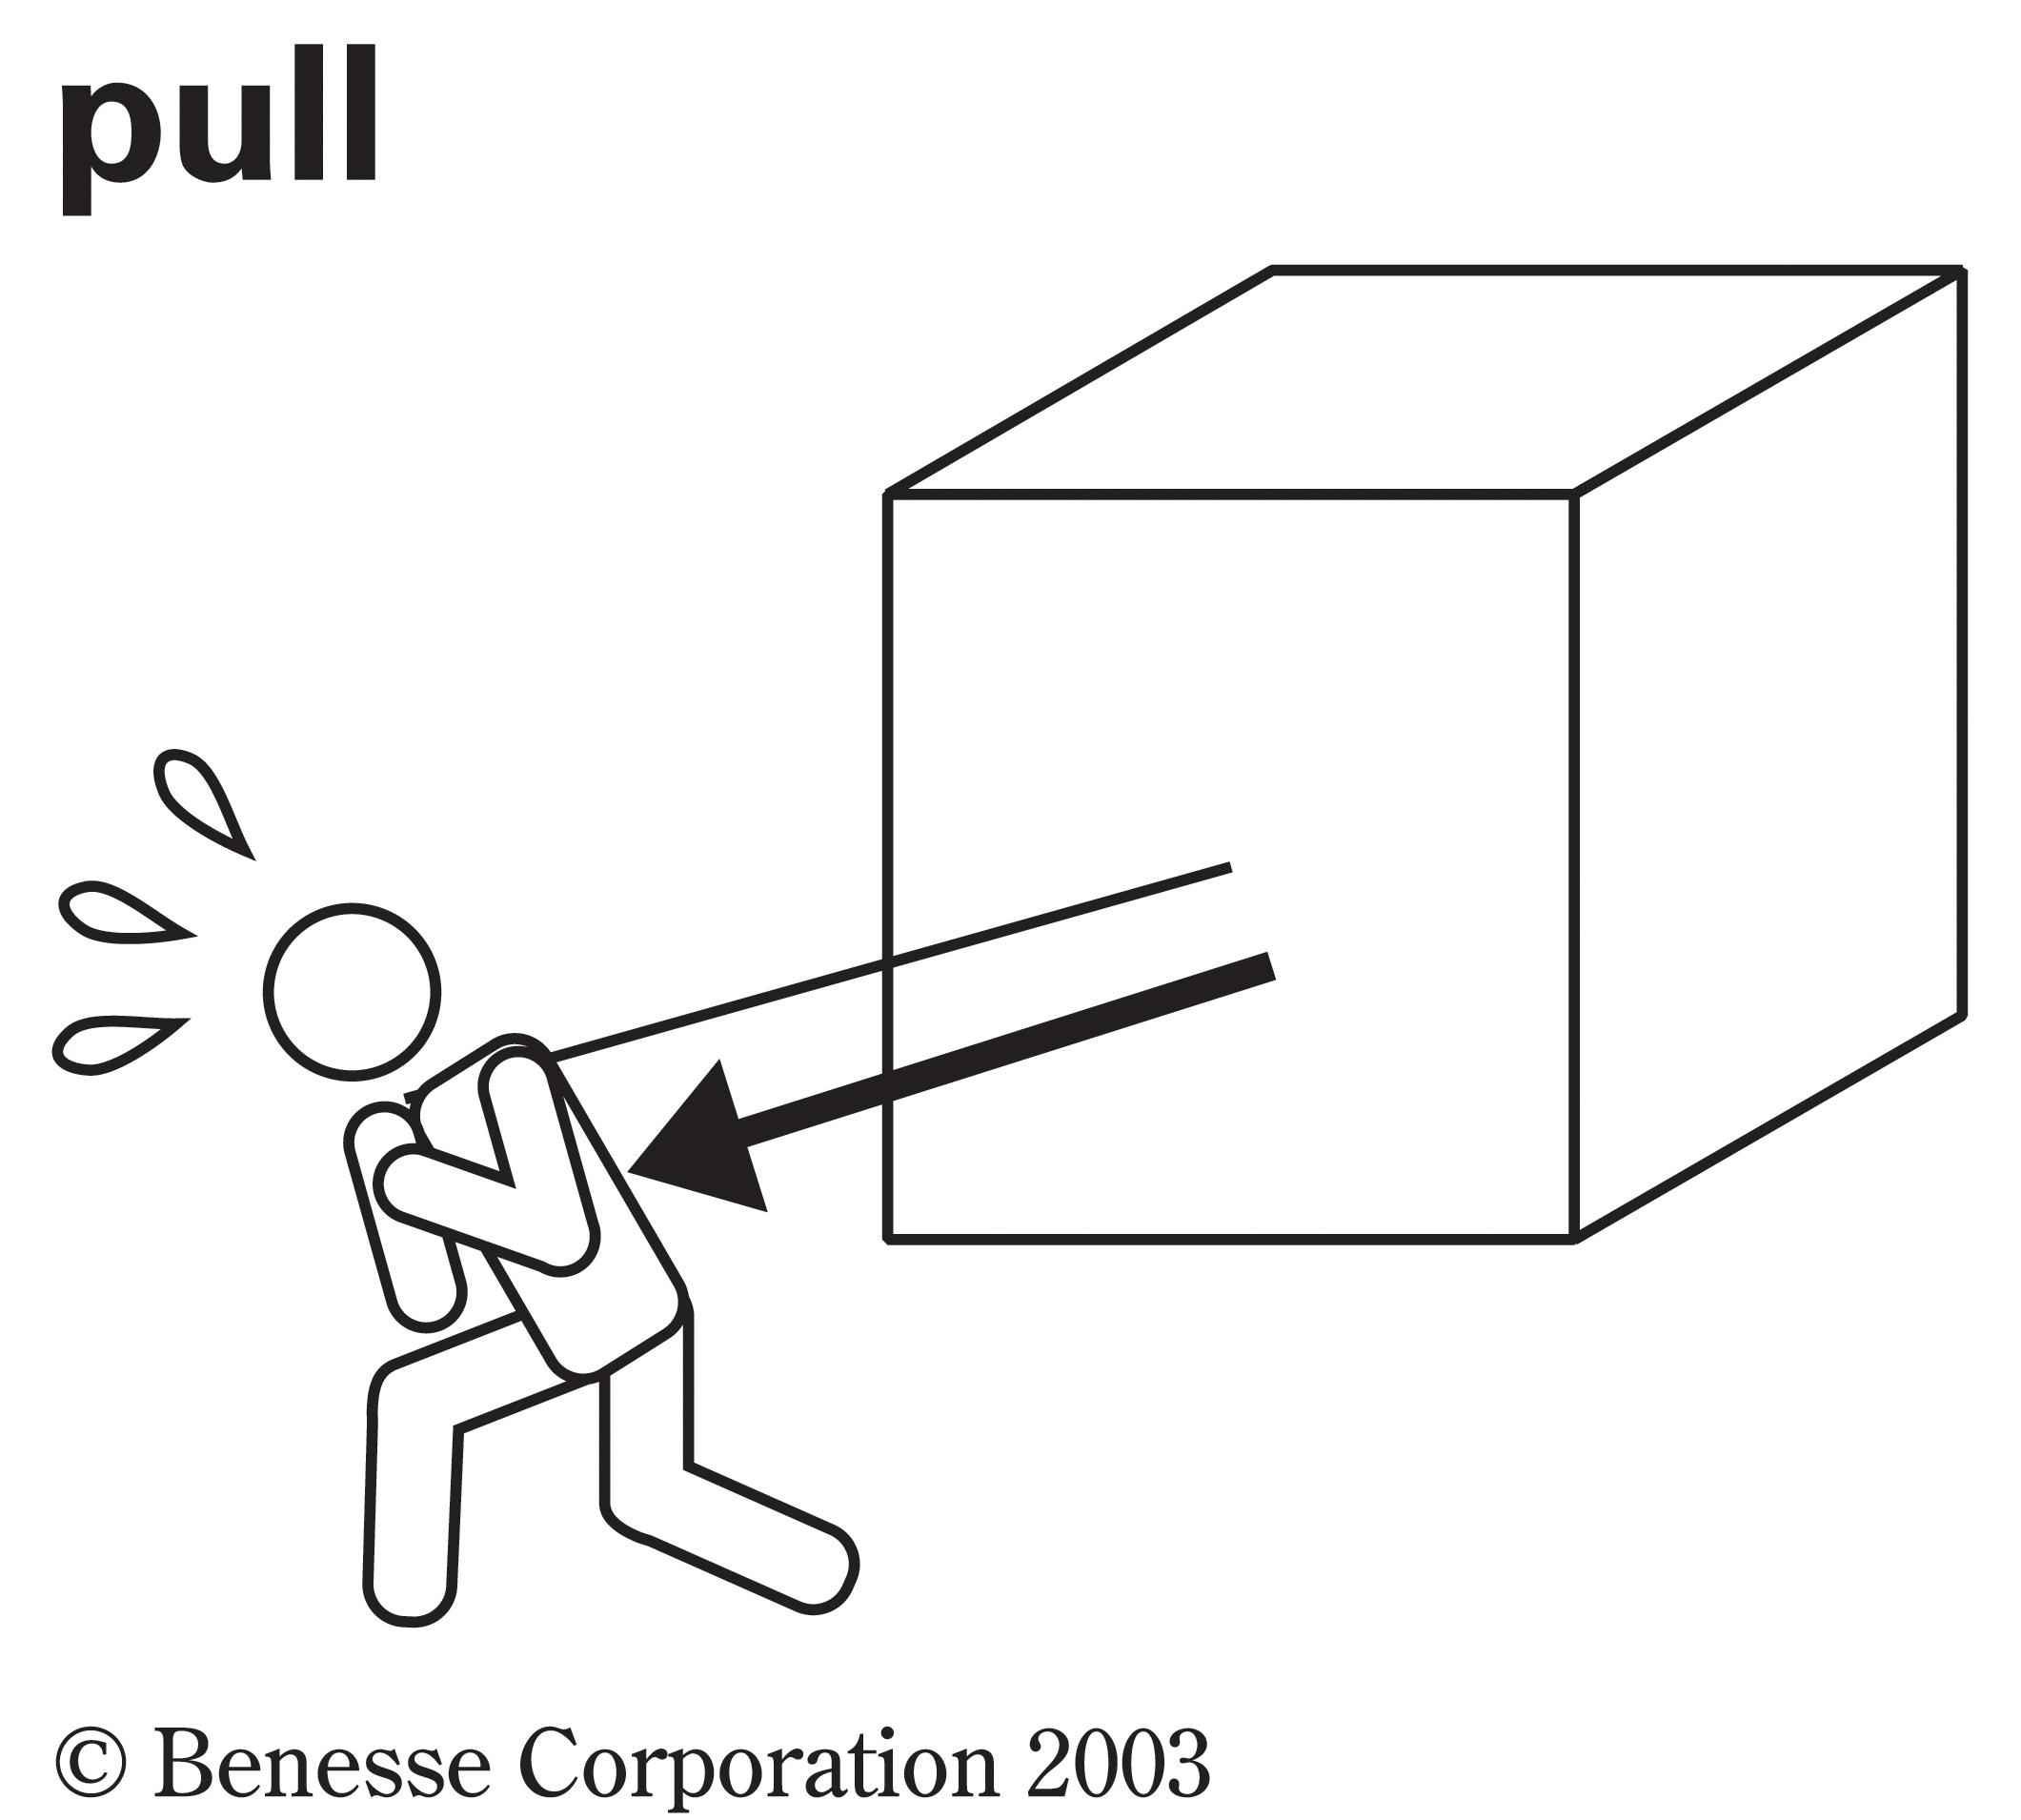 pull01.jpg